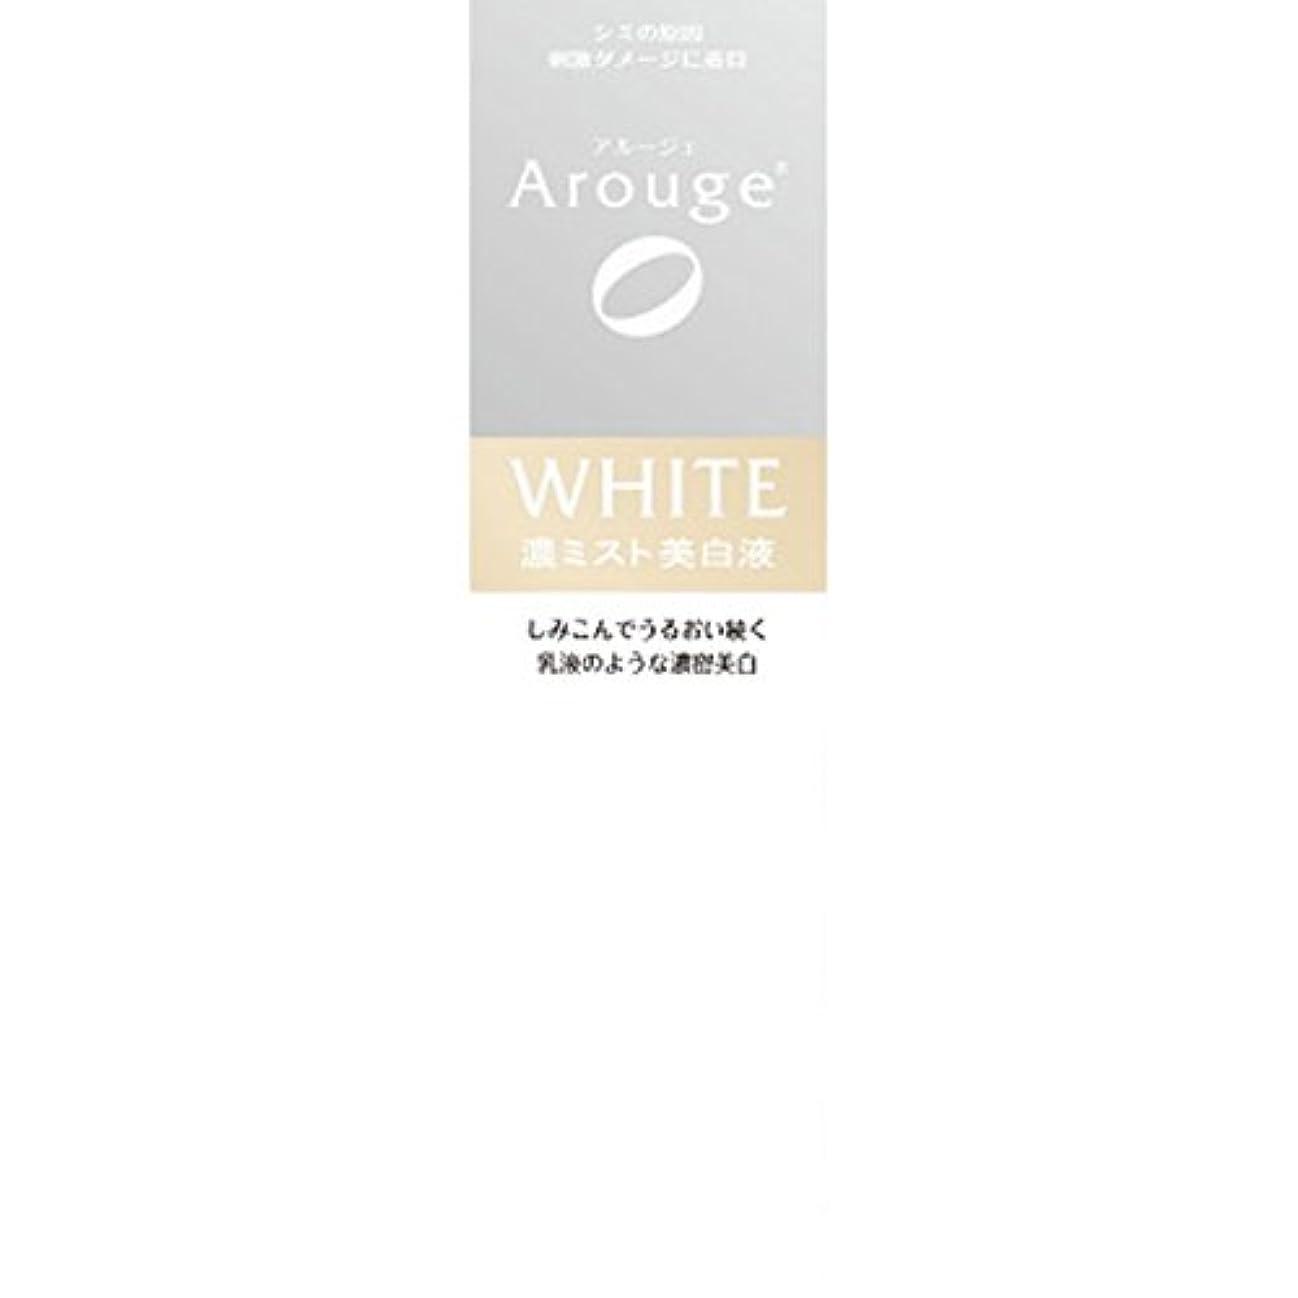 リテラシーナビゲーション敵【医薬部外品】アルージェホワイトニングミストセラム 100ML【2個セット】